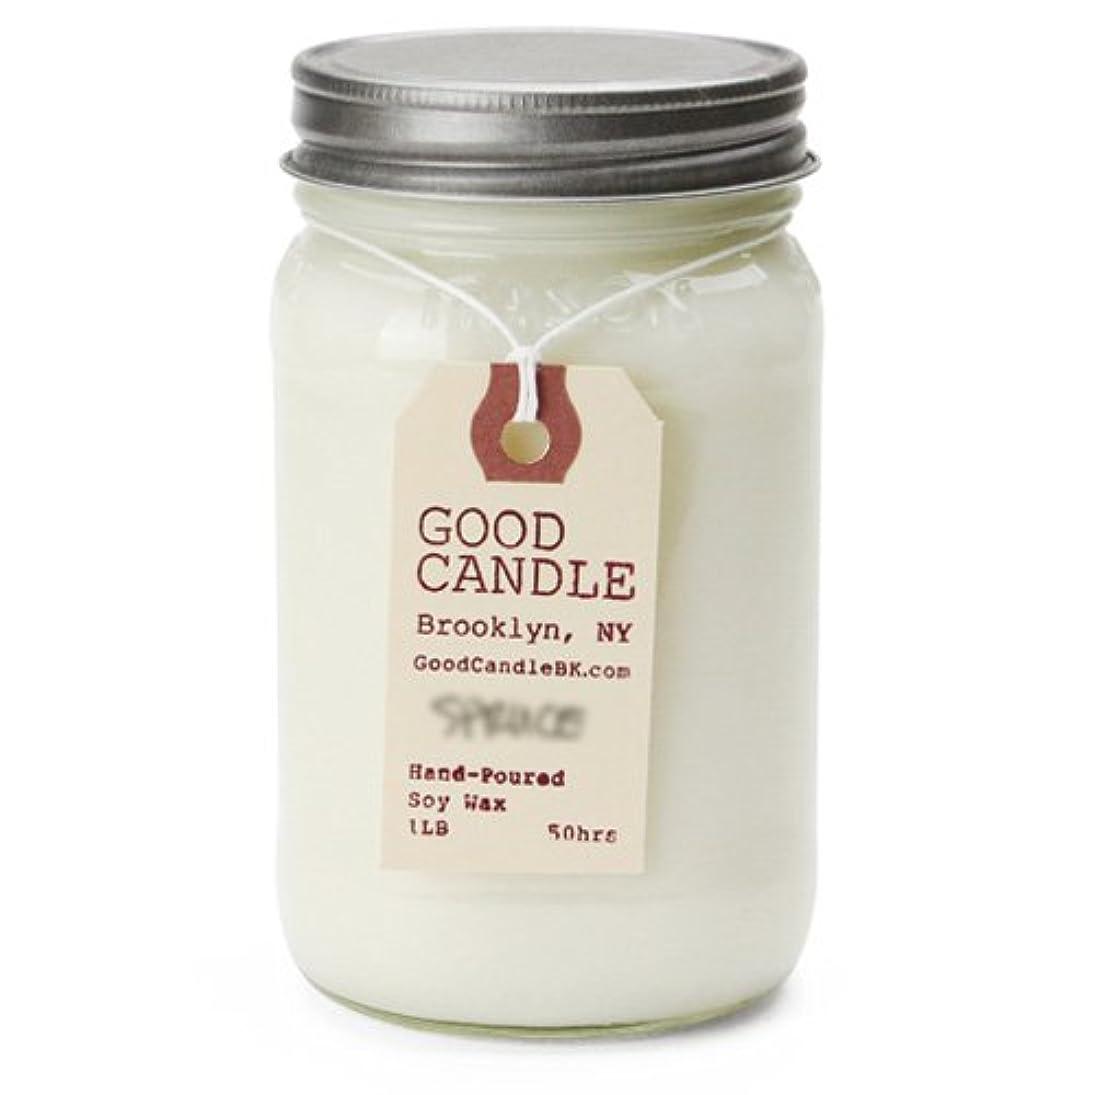 構成員データベース鉱夫グッドキャンドル 1ポンド メイソンジャー キャンドル Good Candle 1LB Mason jar candle [ Wash board ] 正規品